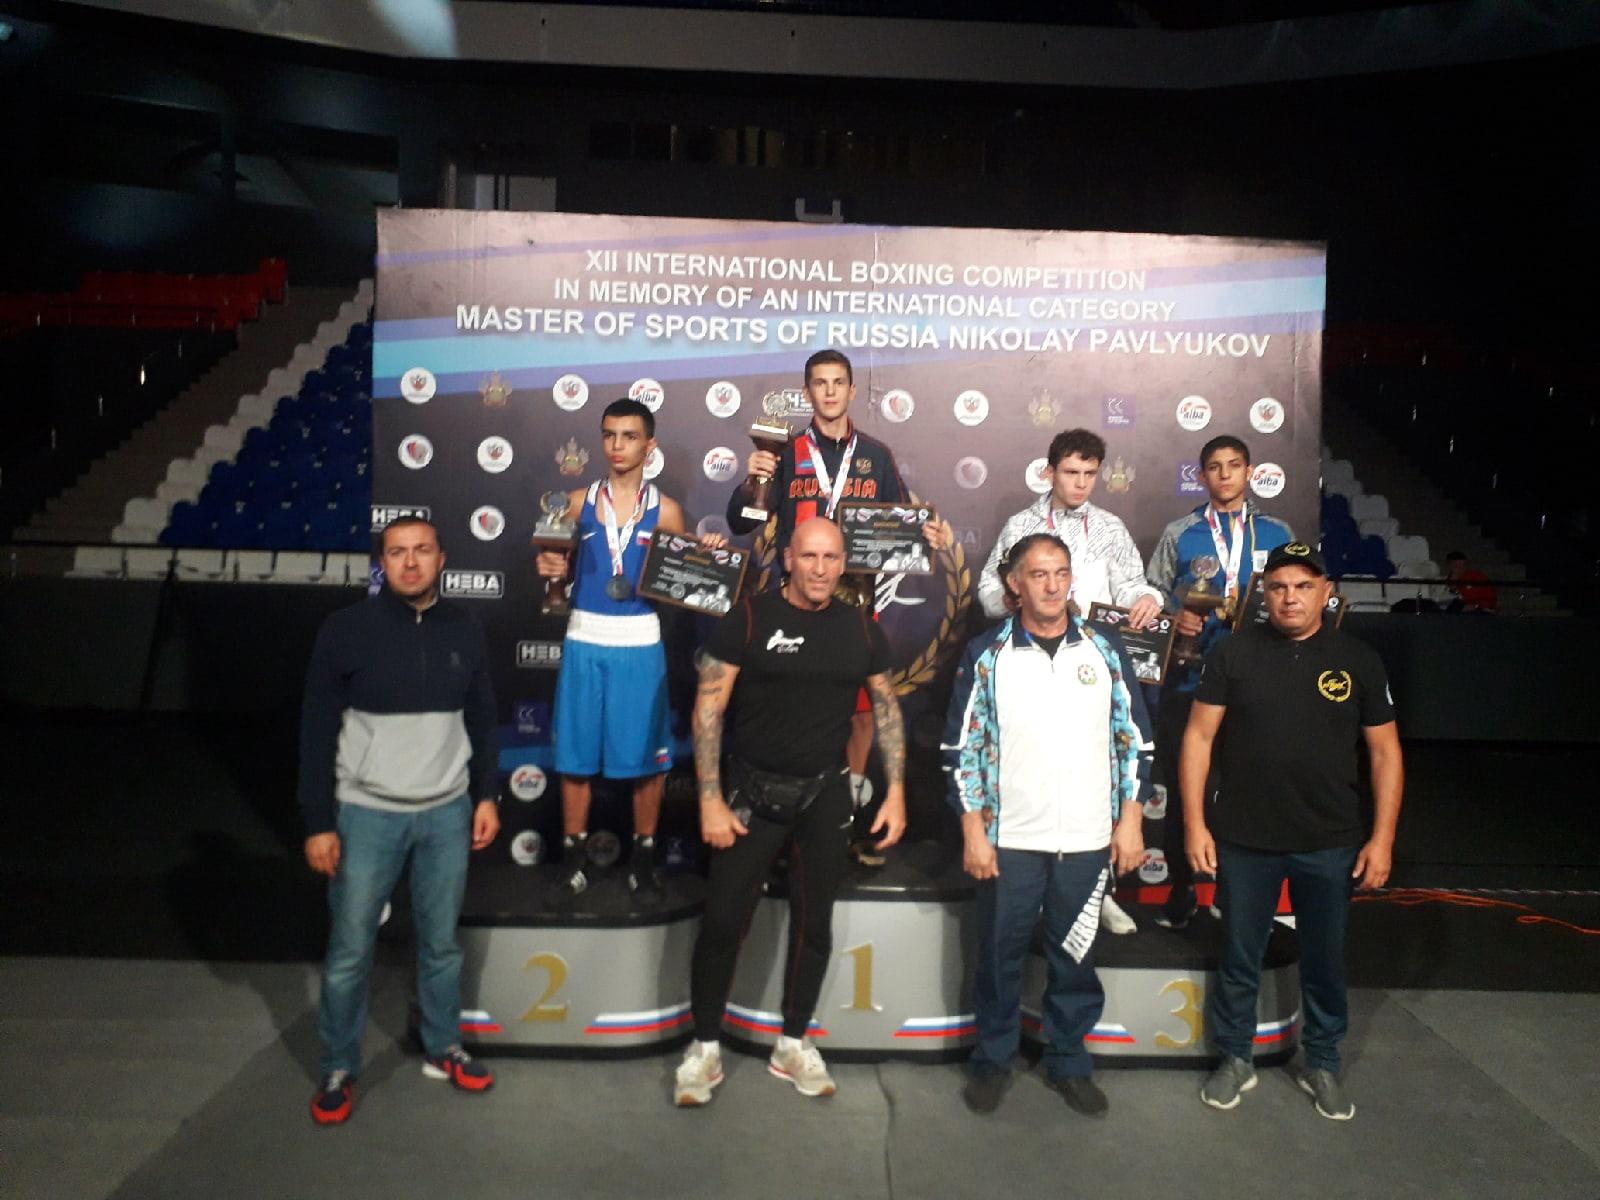 Итоги XII международного турнира по боксу среди юниоров 17-18 лет памяти МСМК Николая Павлюкова